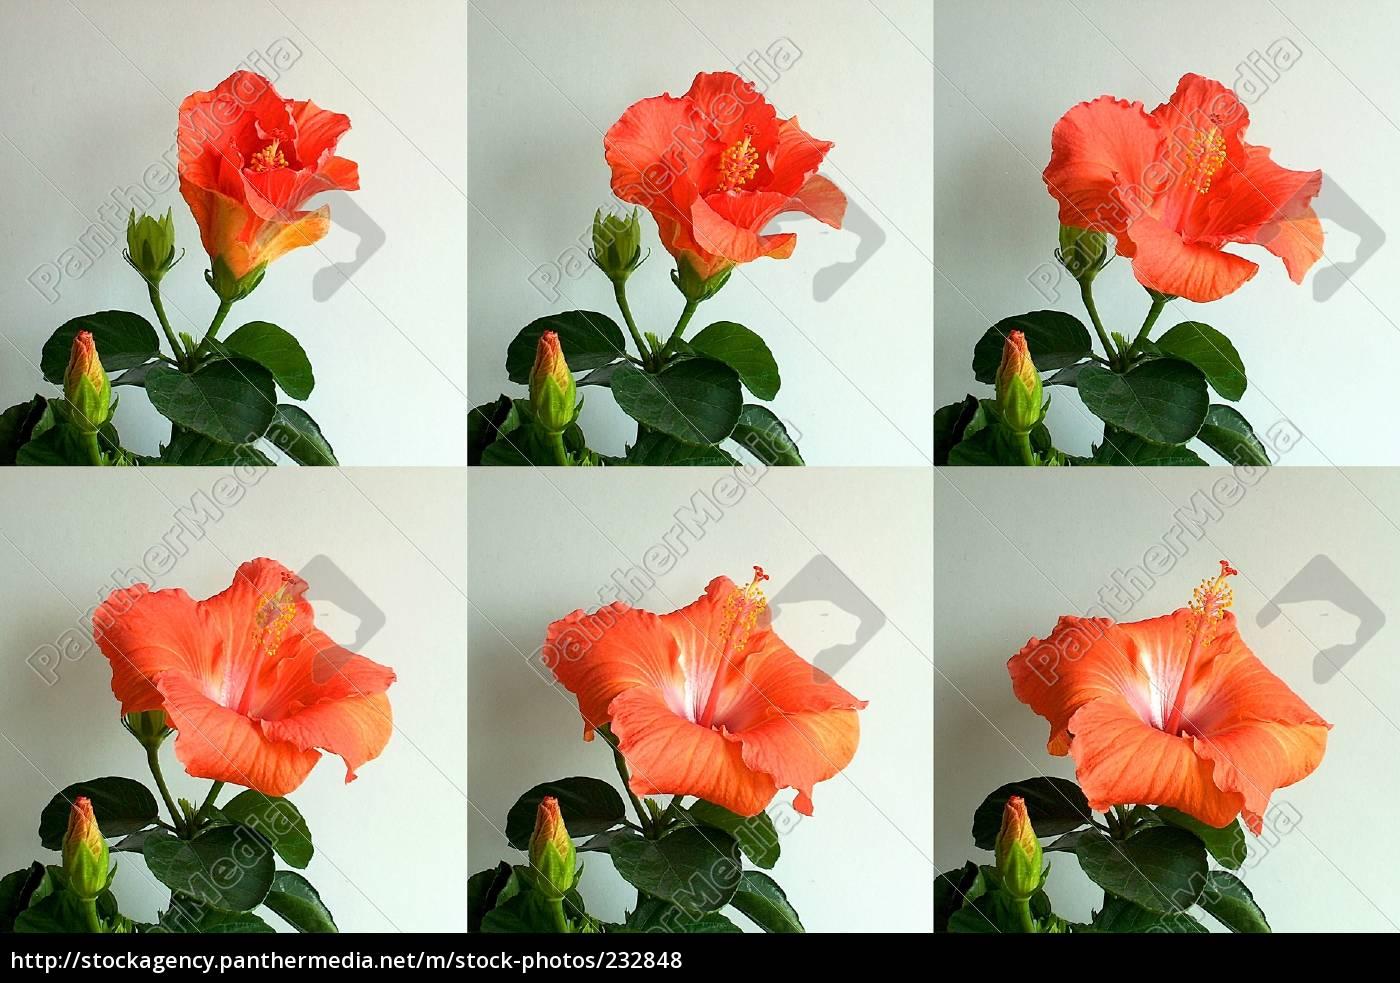 bloom - 232848